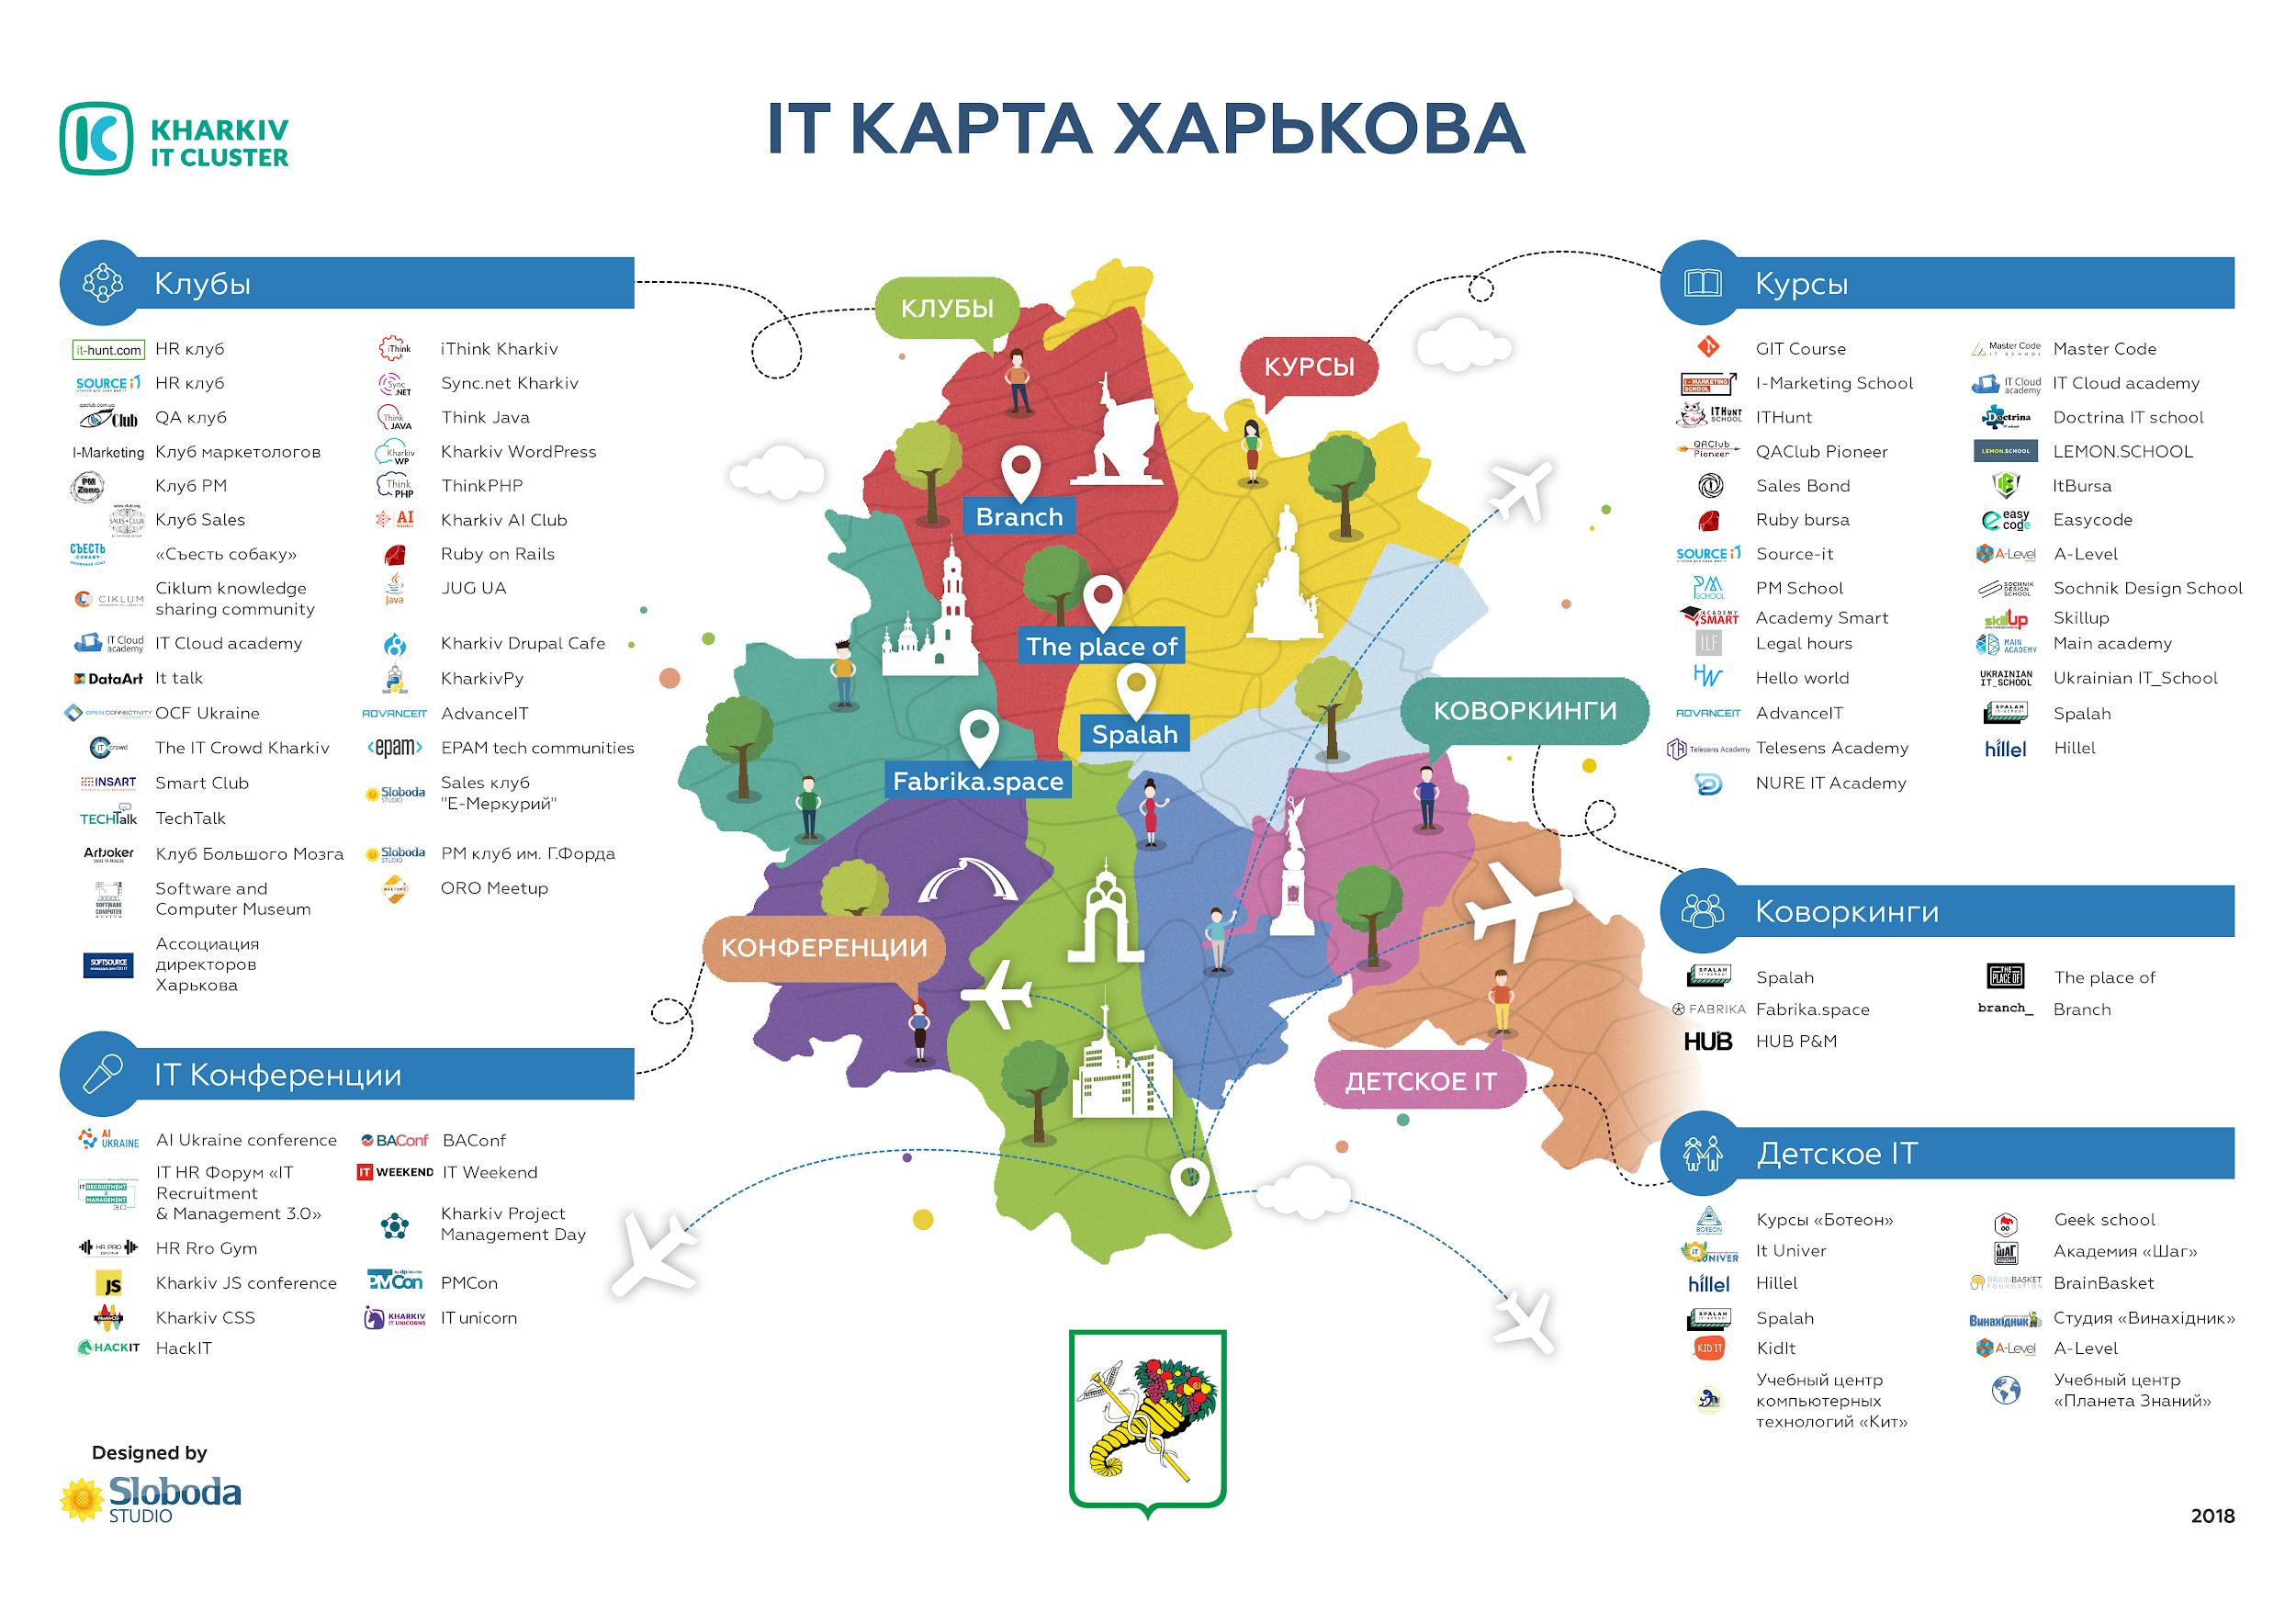 10 Харьков как он есть: почему здесь жить хорошо